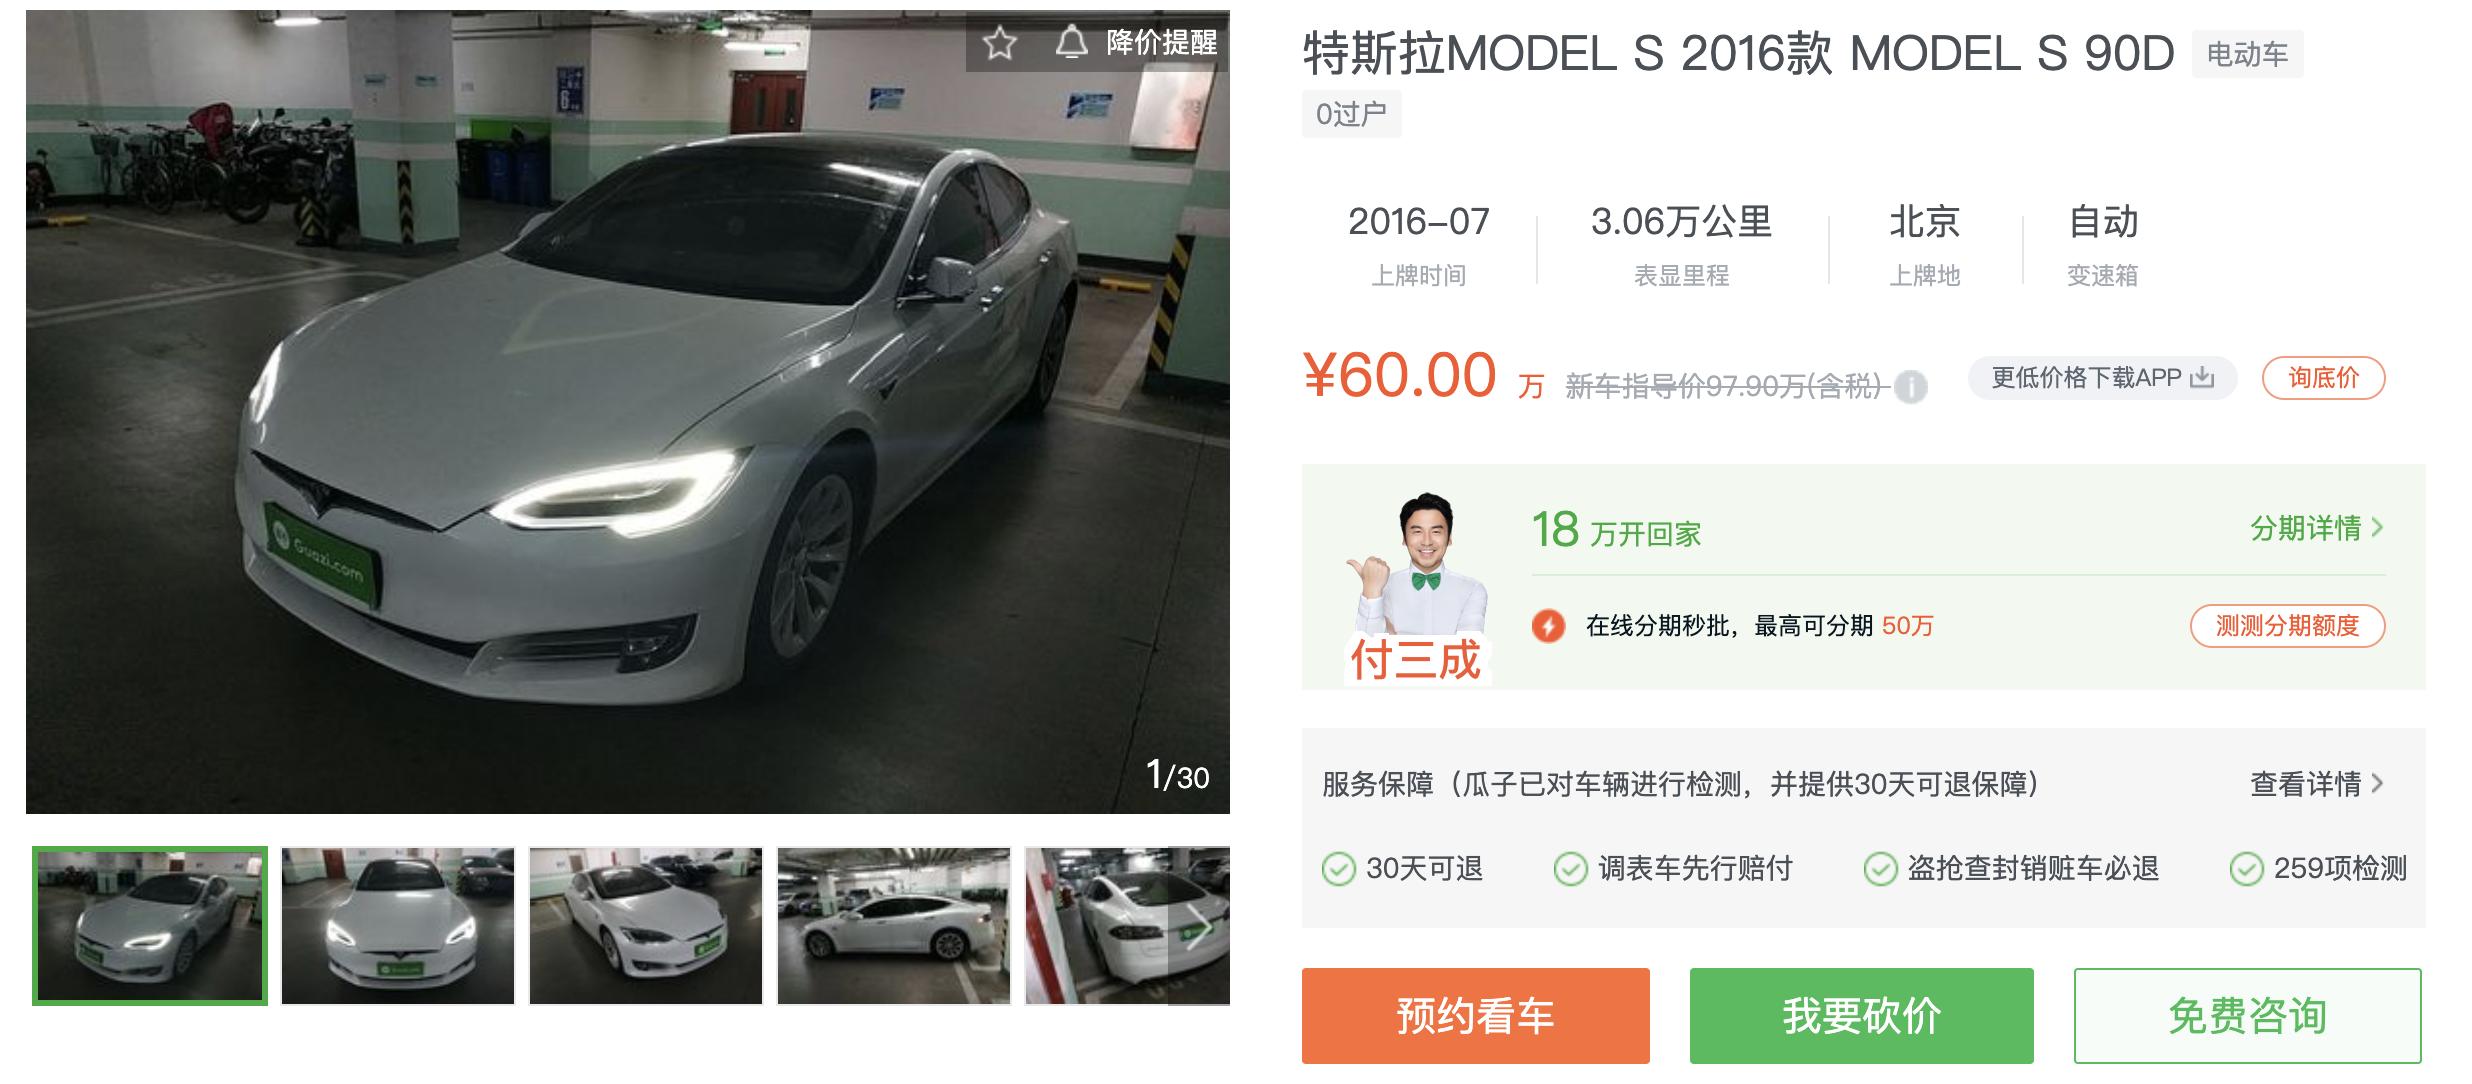 特斯拉Model S二手车价格